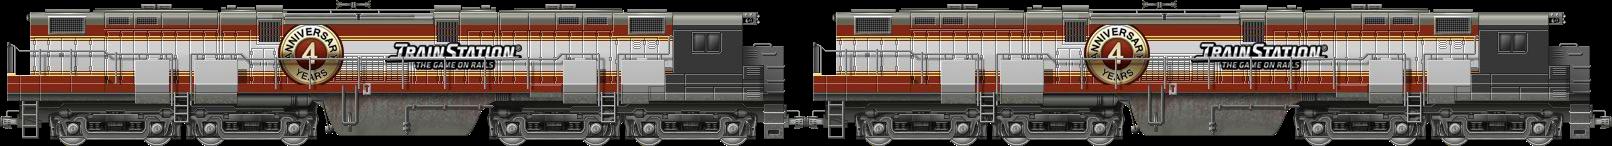 4th C-855 Double